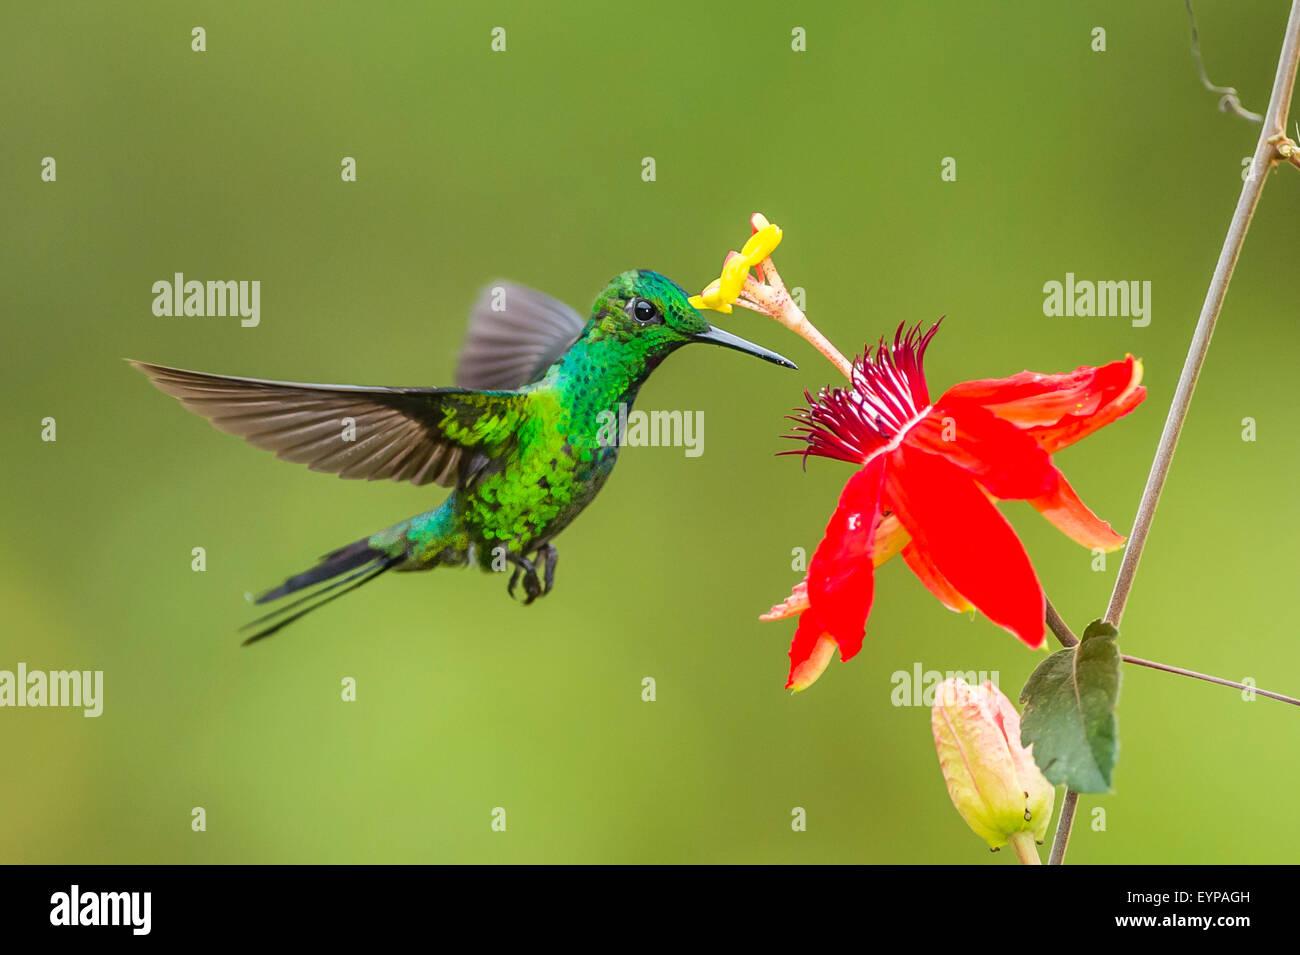 Eine brillante Kolibri Green-Crowned Fütterung Stockbild